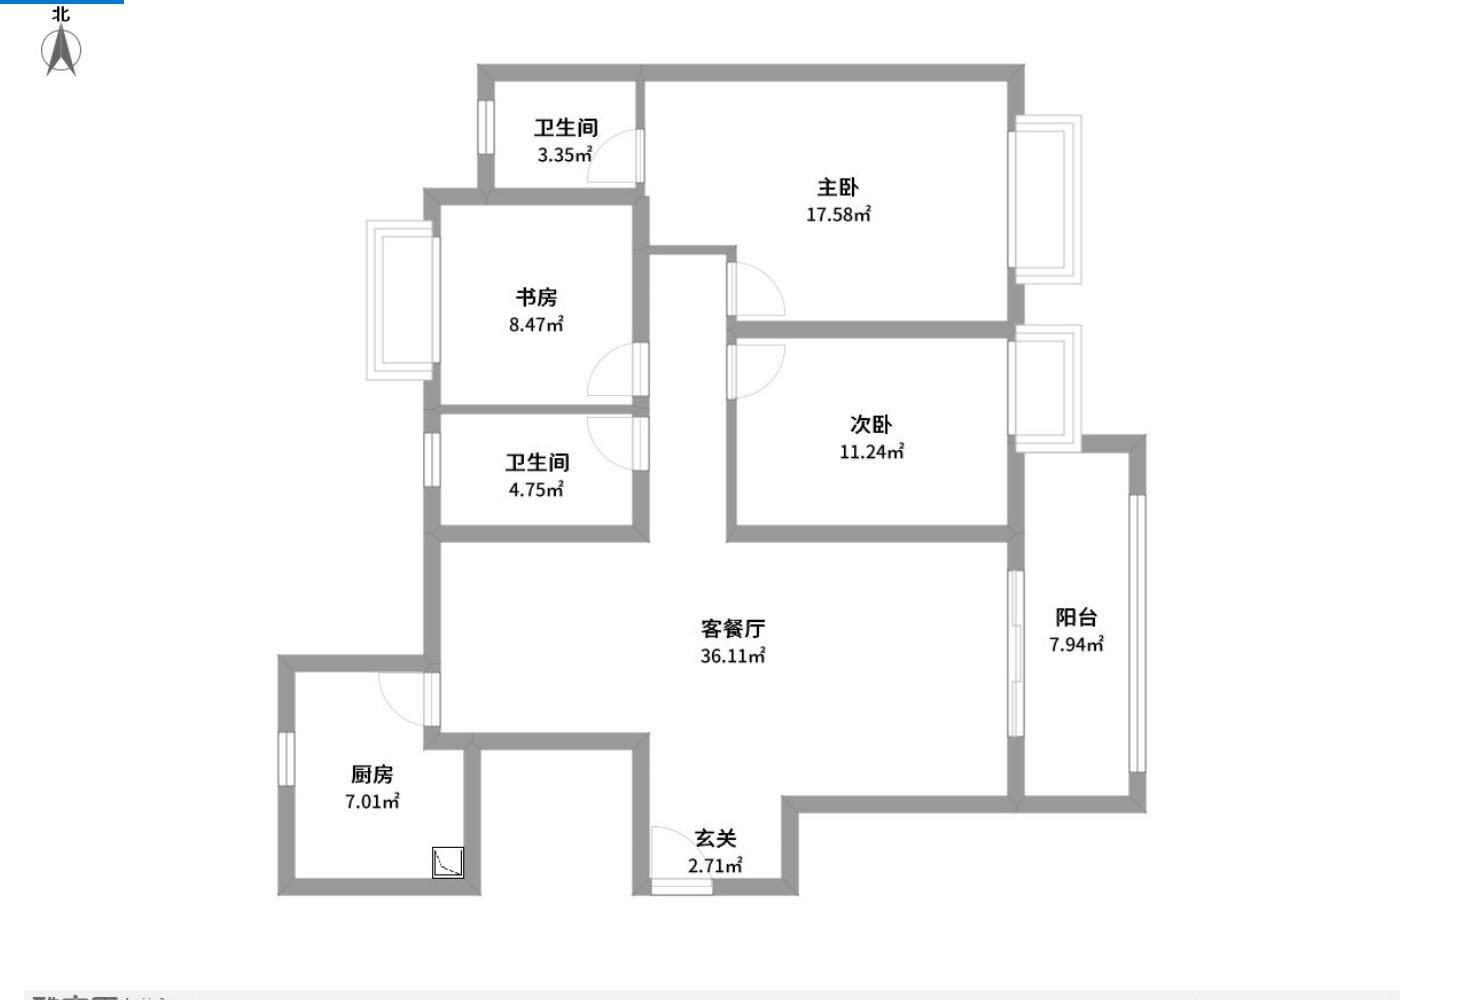 龙庭花园 3室2厅123㎡